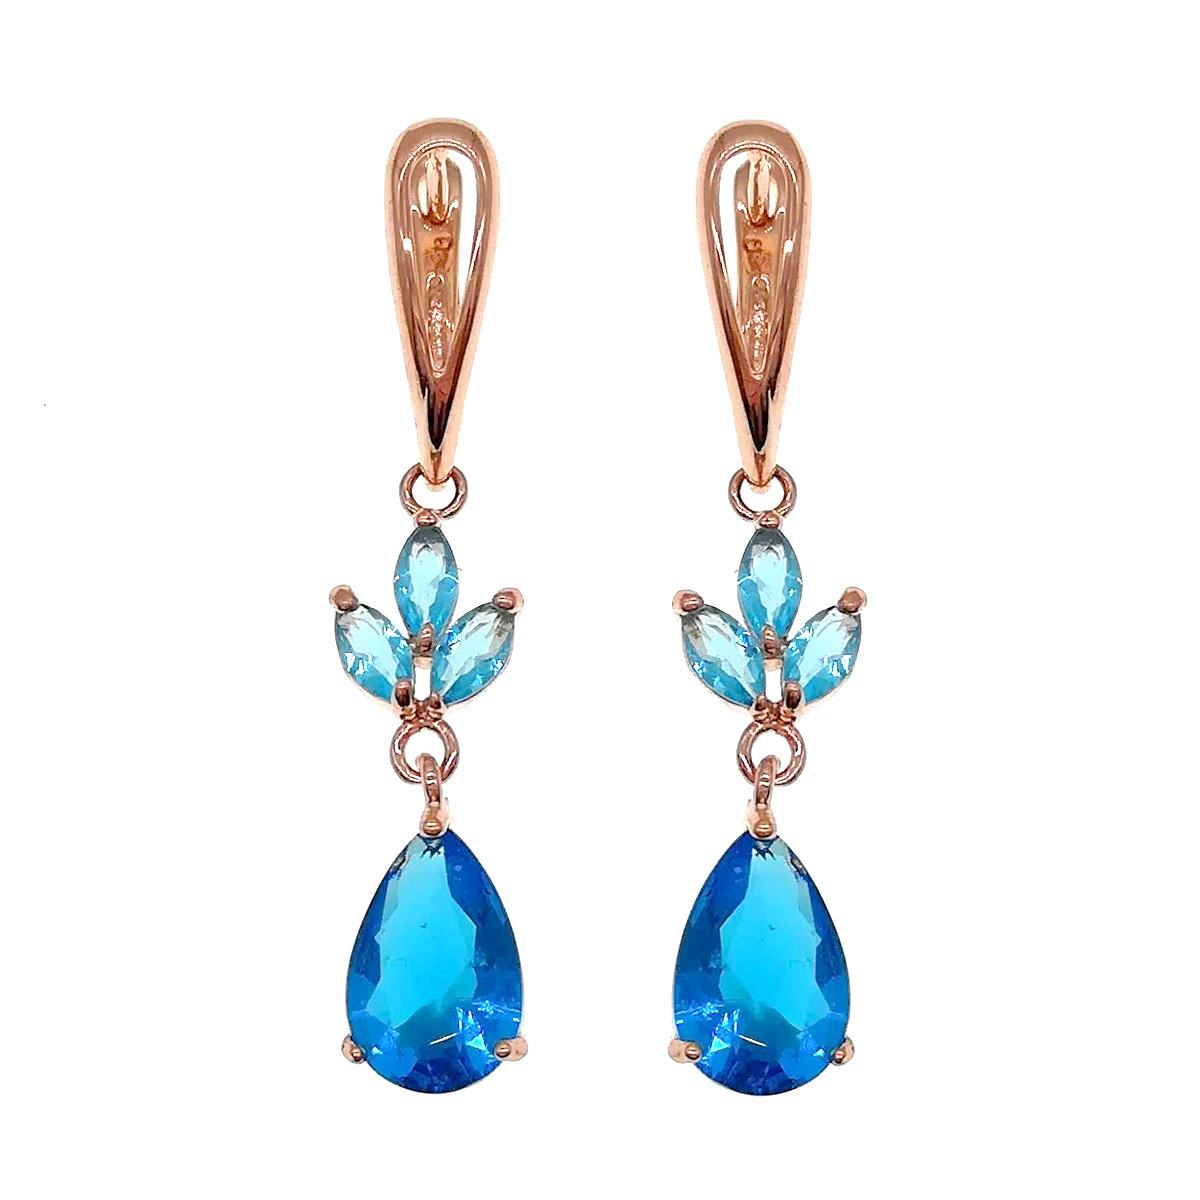 Серьги SONATA из медицинского золота, голубые фианиты, позолота PO, 22850       (1)